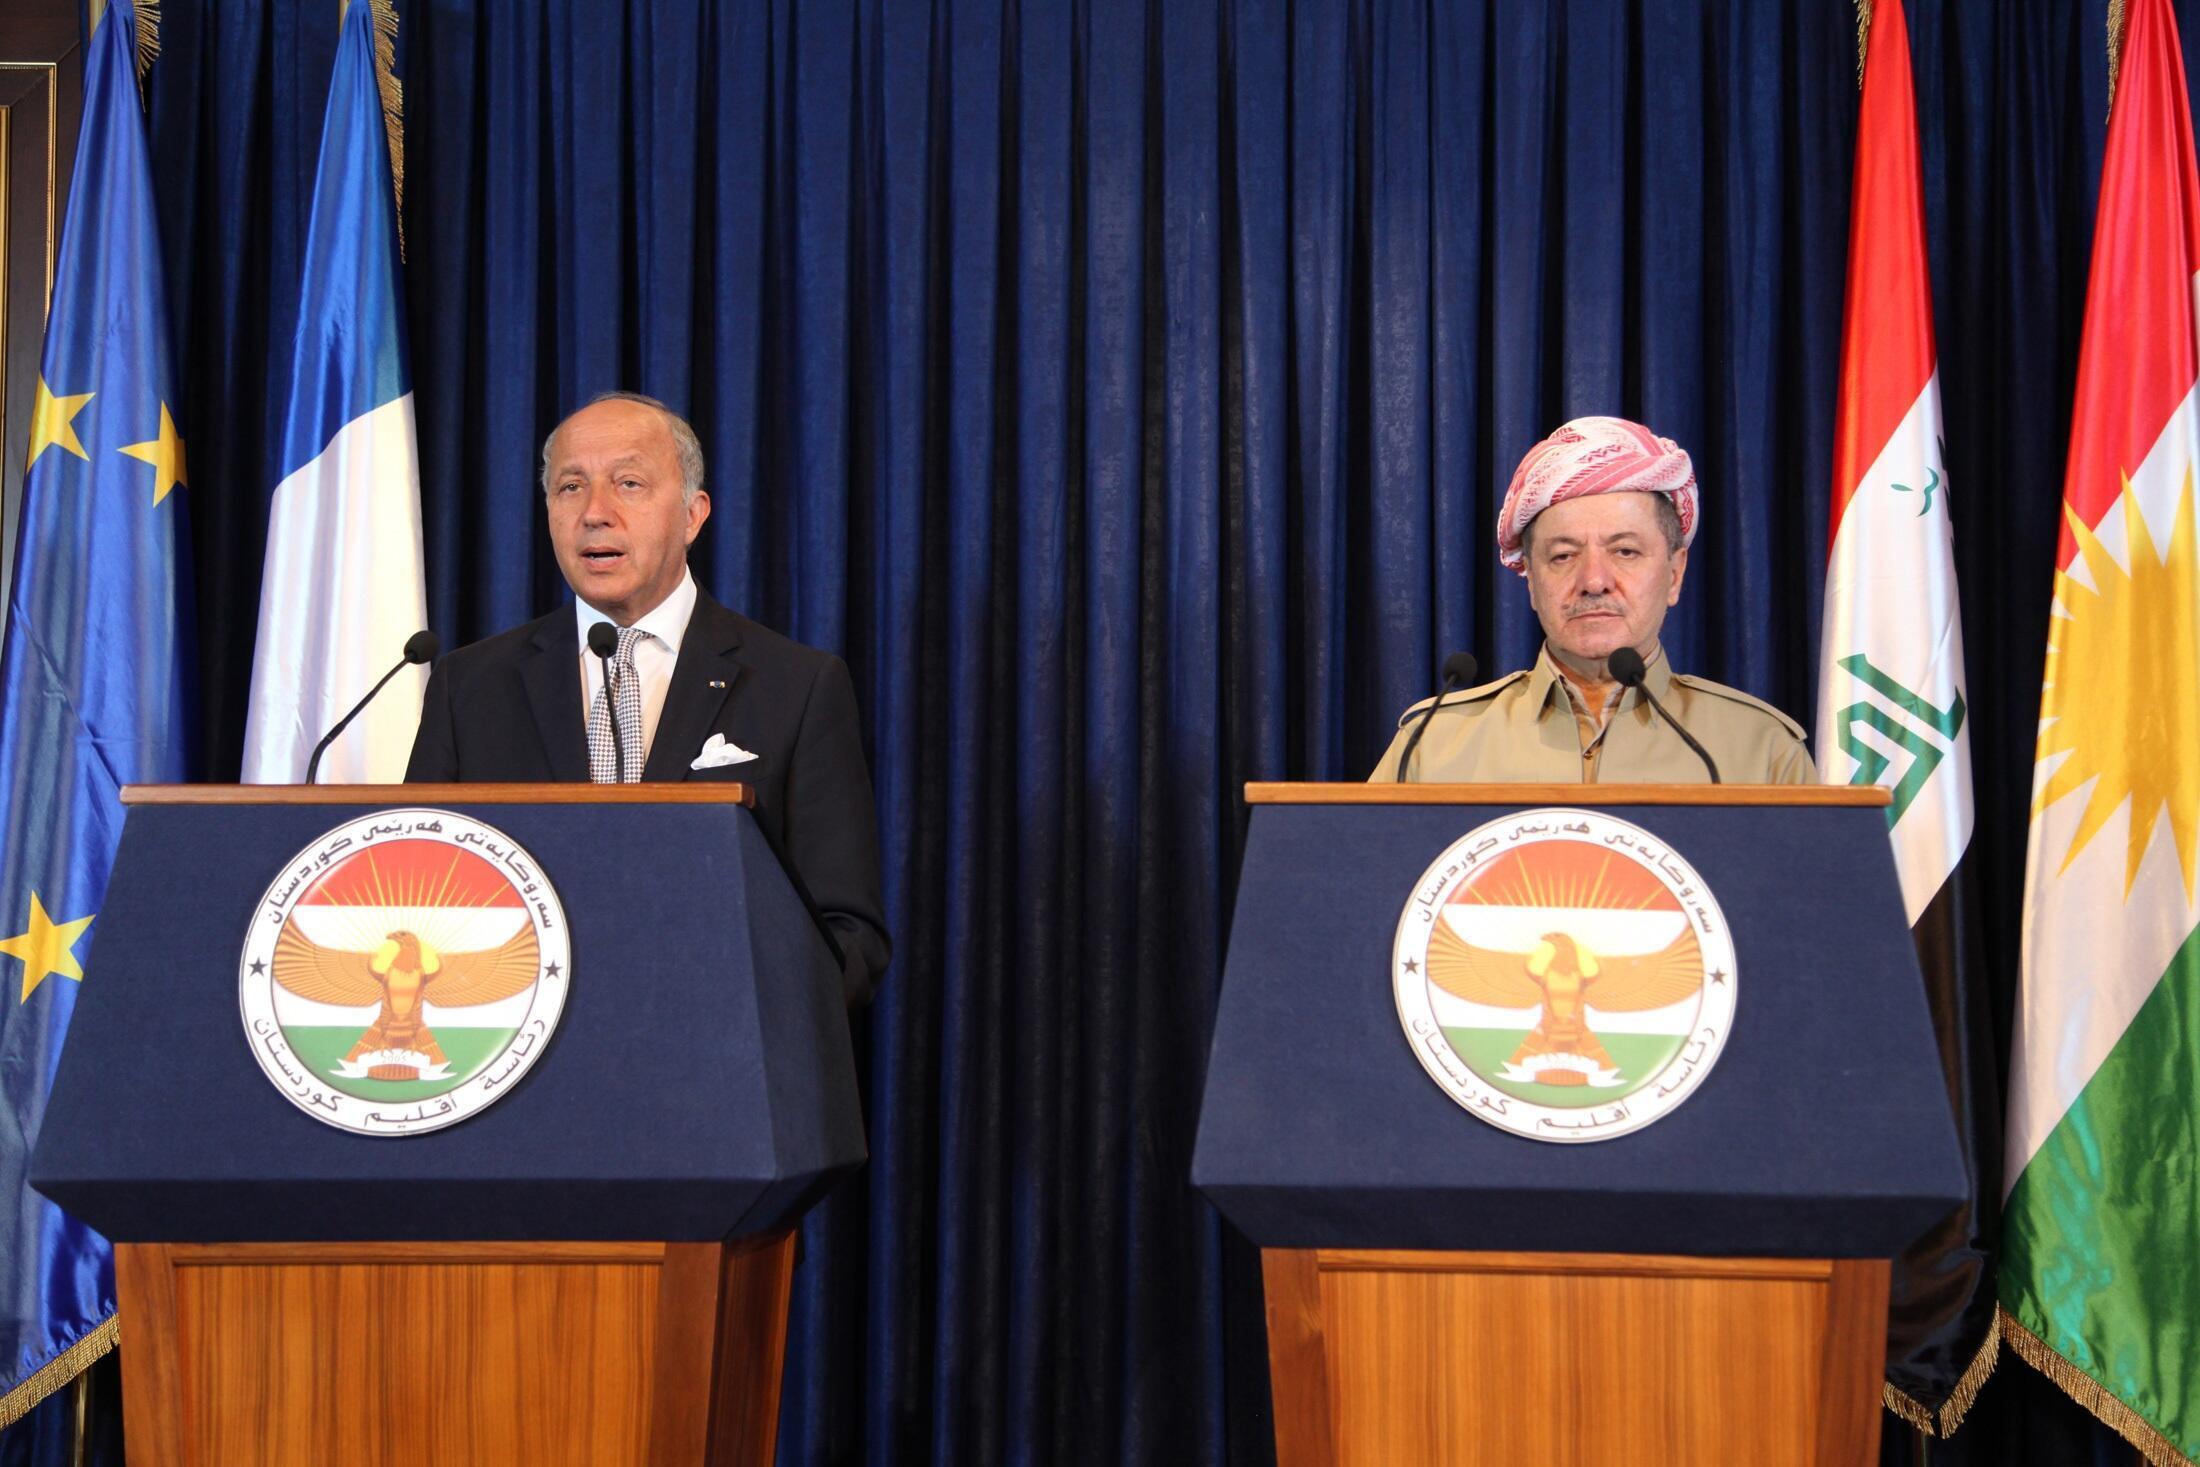 Пресс-конференция министра иностранных дел Франции Лорана Фабиуса (слева) и президента иракского Курдистана Массула Барзани, Эрбиль, 10 августа 2014 г.